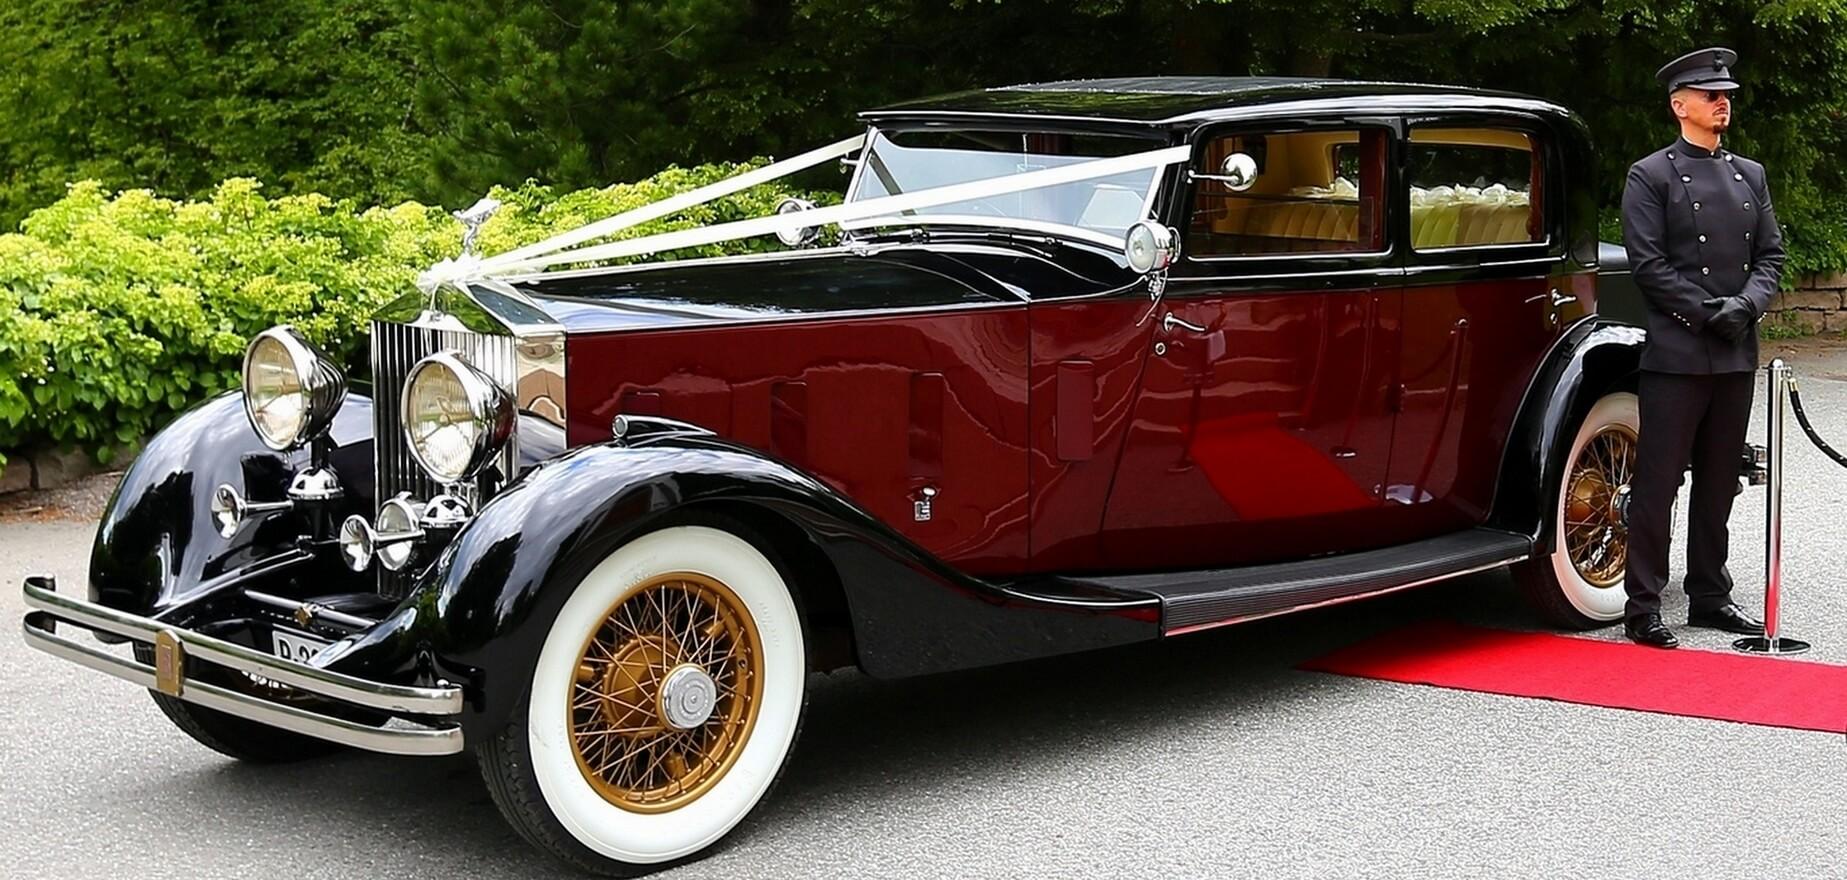 Gedigen Rolls-Royce Phantom med sjåfør leid ut til bryllup i Oslo